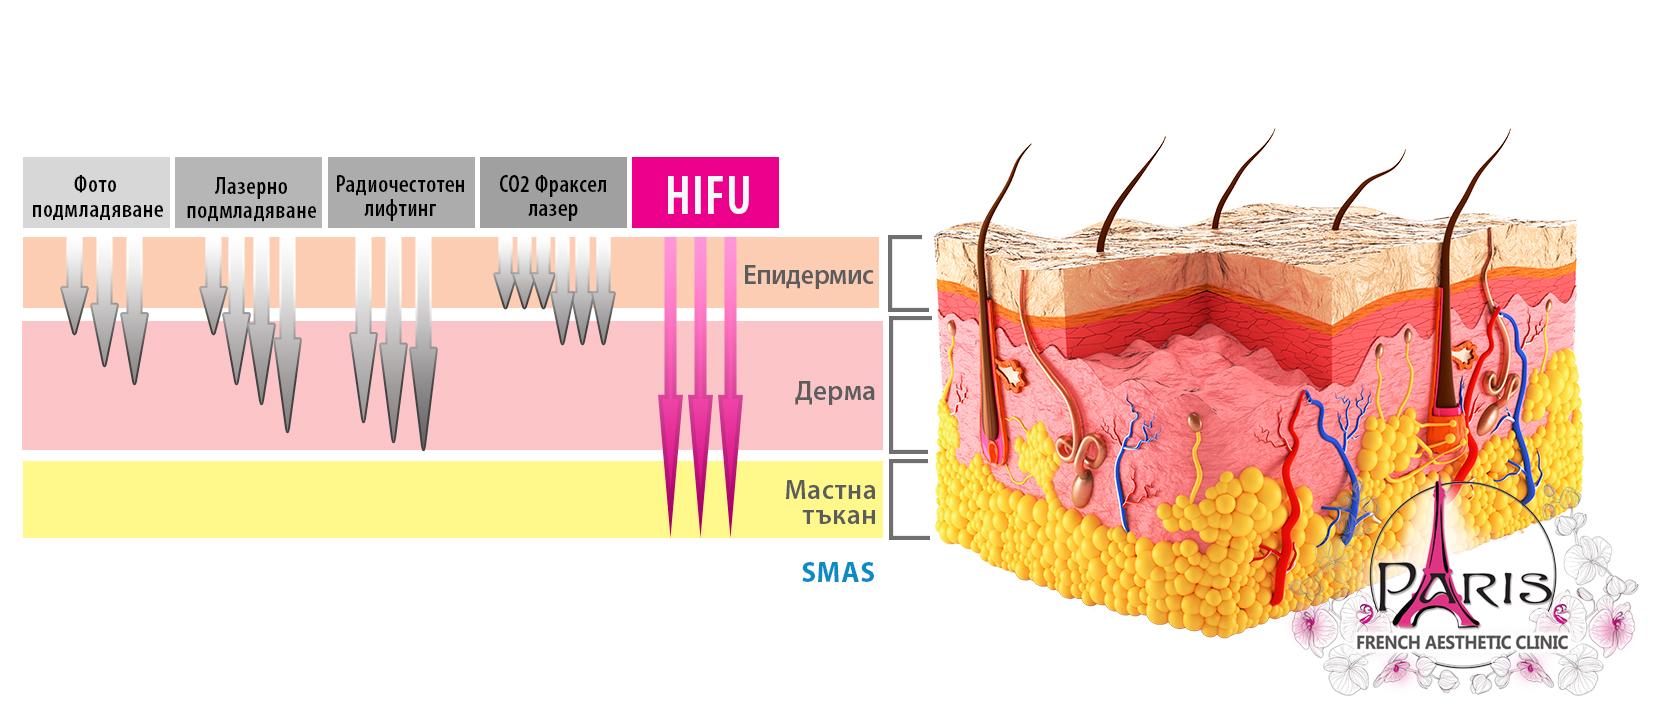 Дълбочина на проникване - HIFU лифтинг, радиочестота, лазер, фраксел лазер, фотоподмладяване - Лазер Клиник Париж - гр. Варна